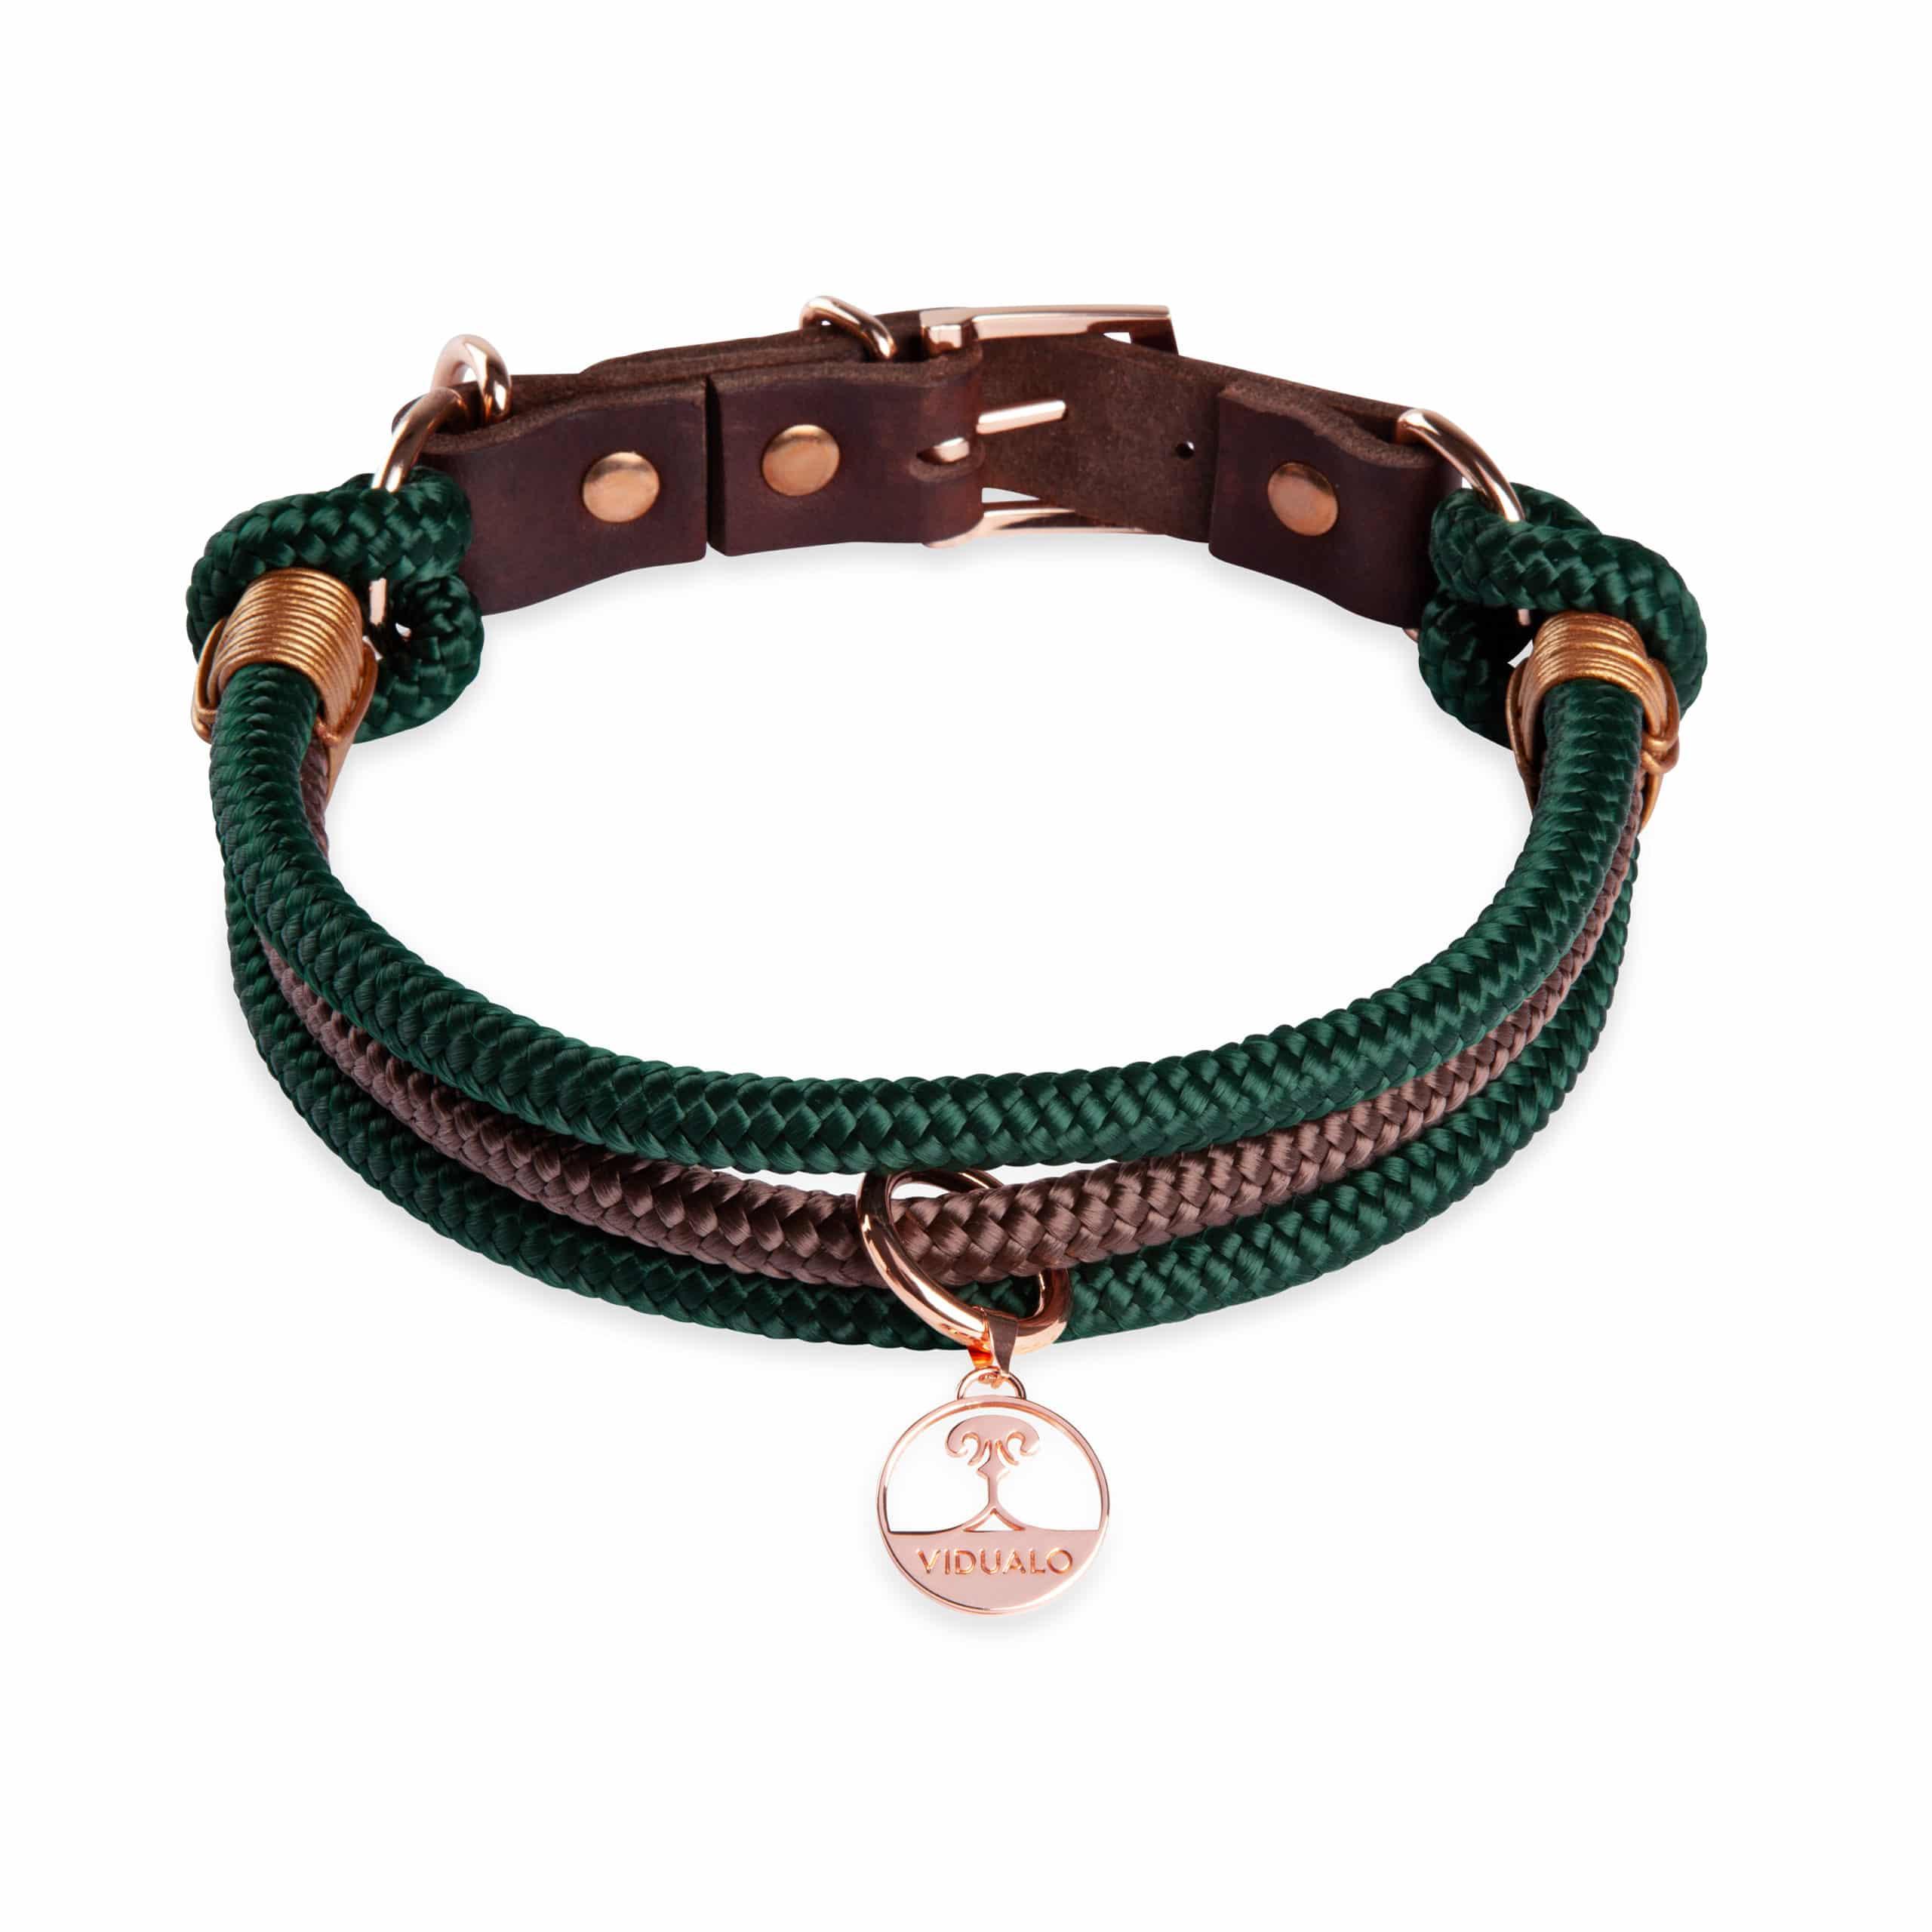 Vidualo - Hundehalsband - Look William